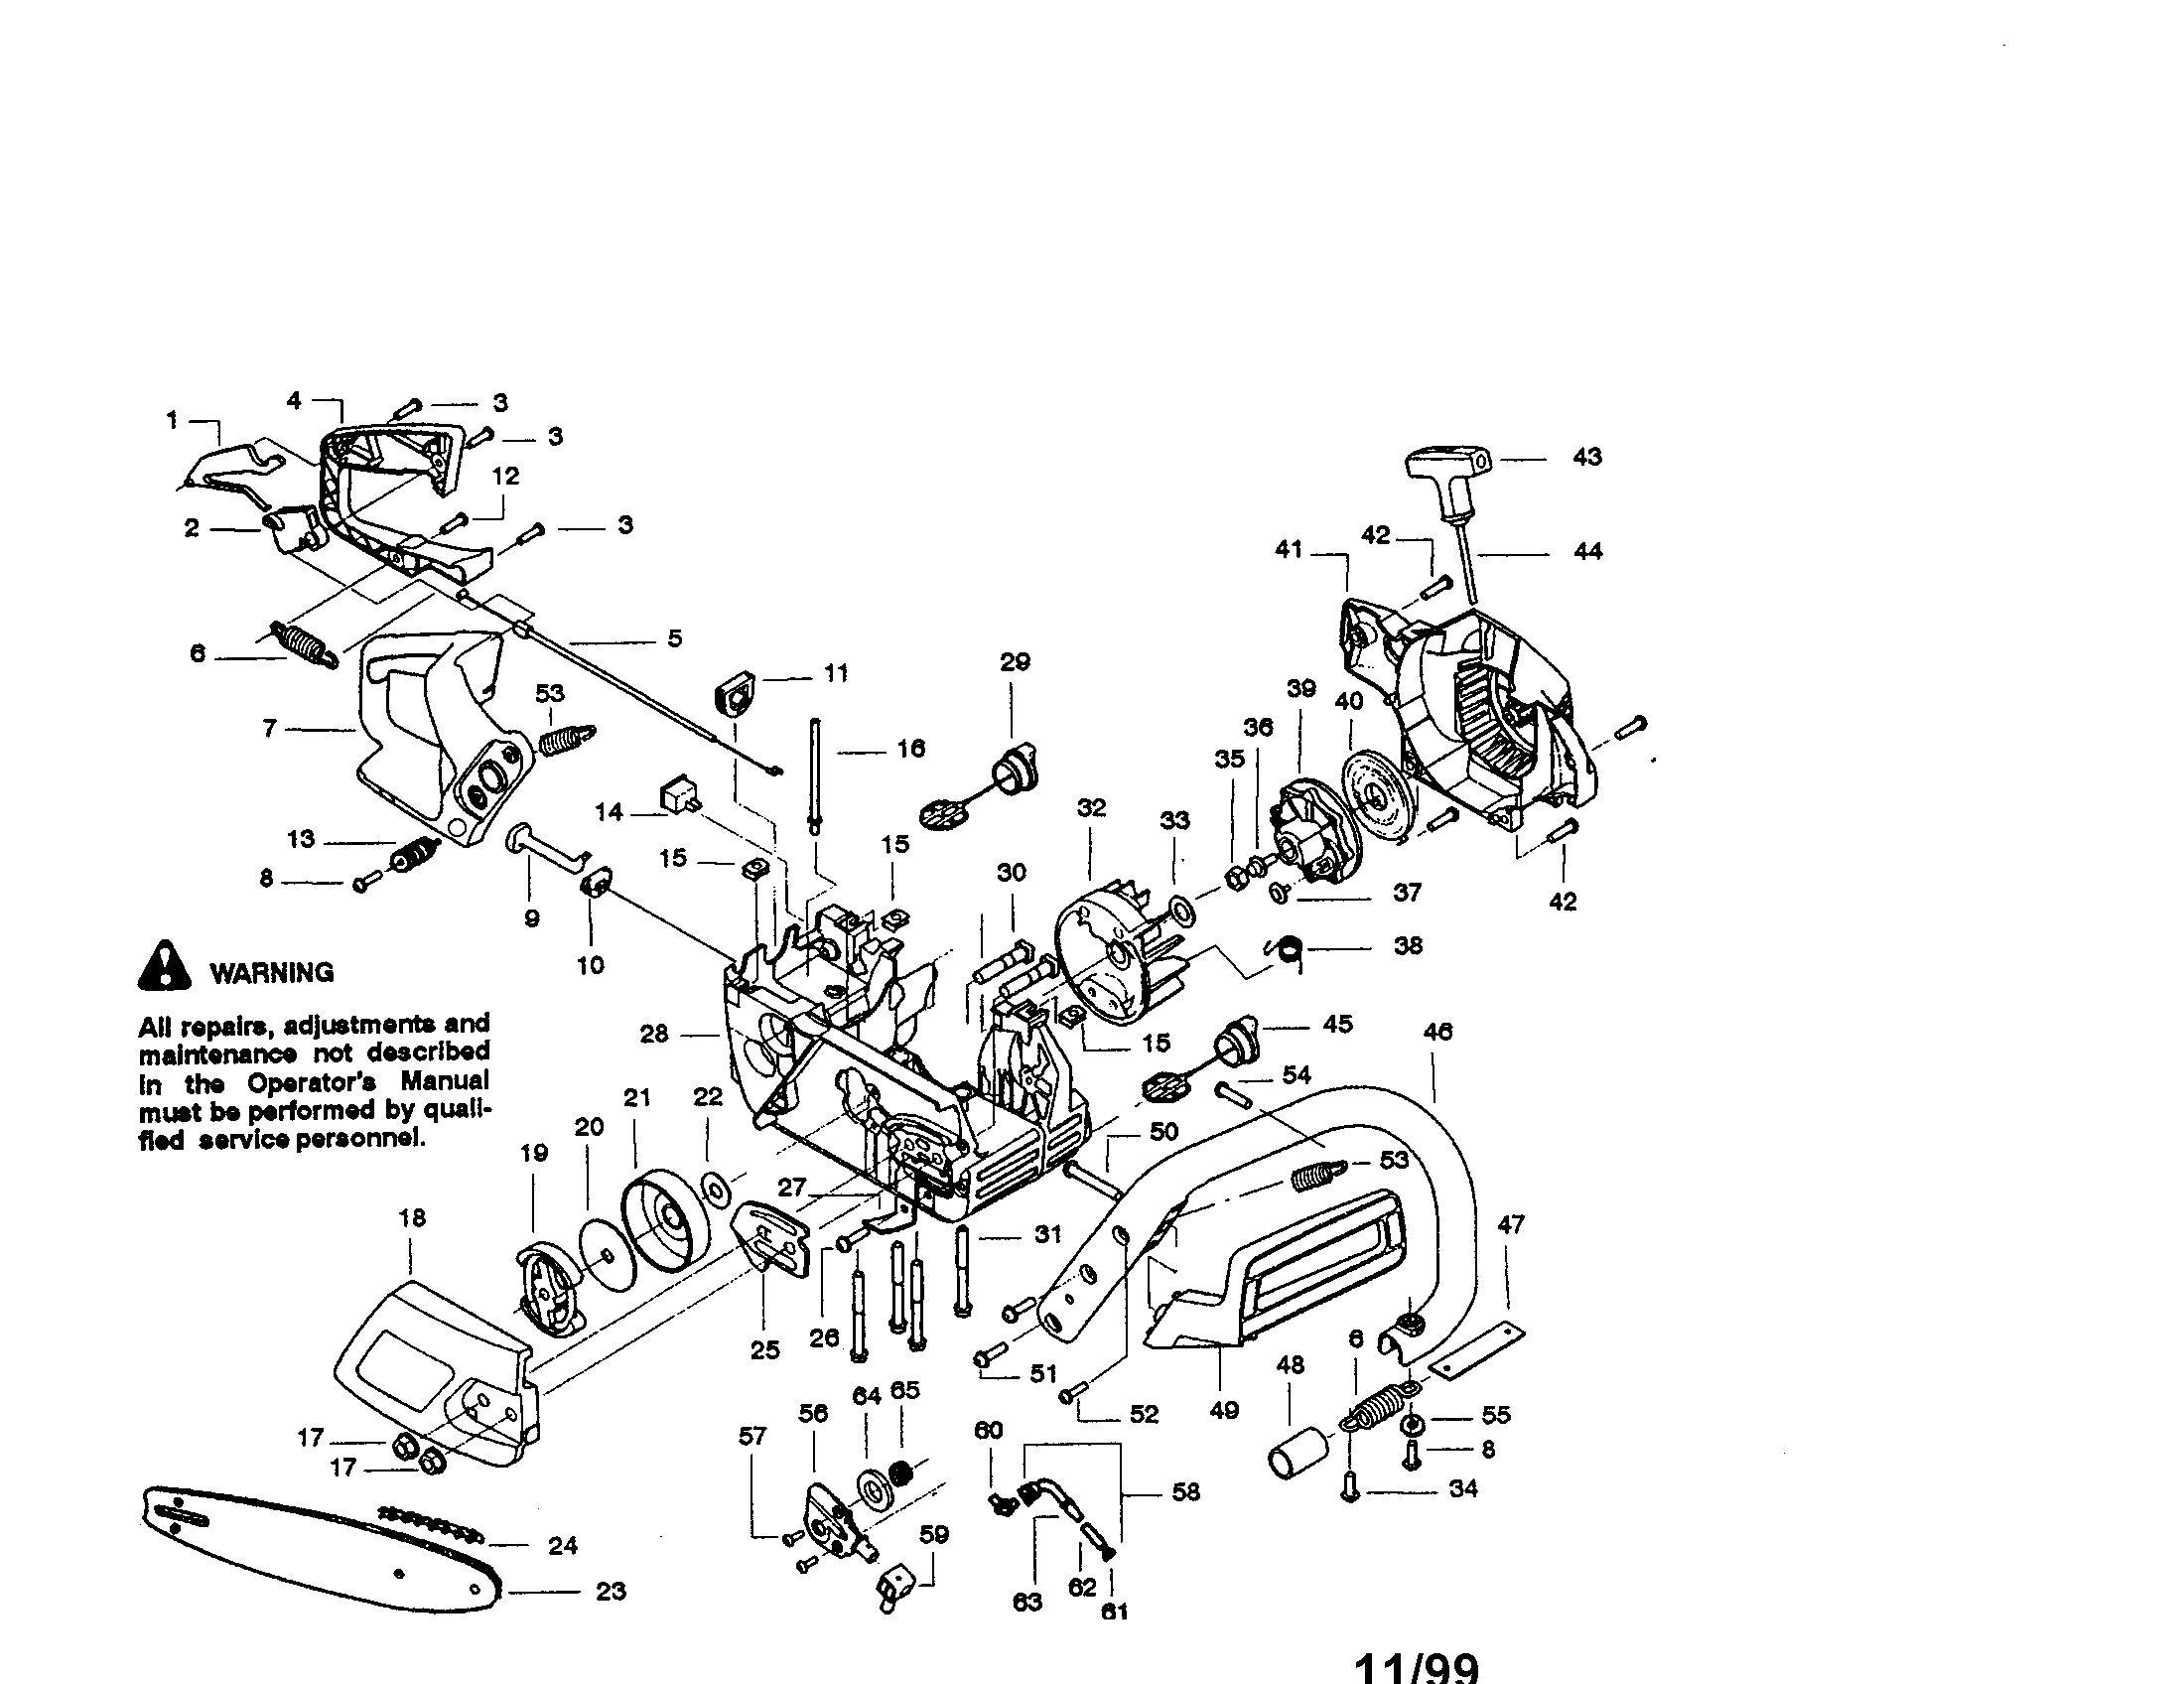 [DIAGRAM_1JK]  EL_1198] Stihl Chainsaw Parts Diagram Moreover Stihl Chainsaw Parts Diagram  Wiring Diagram | Chainsaw Engine Schematics |  | Www Mohammedshrine Librar Wiring 101